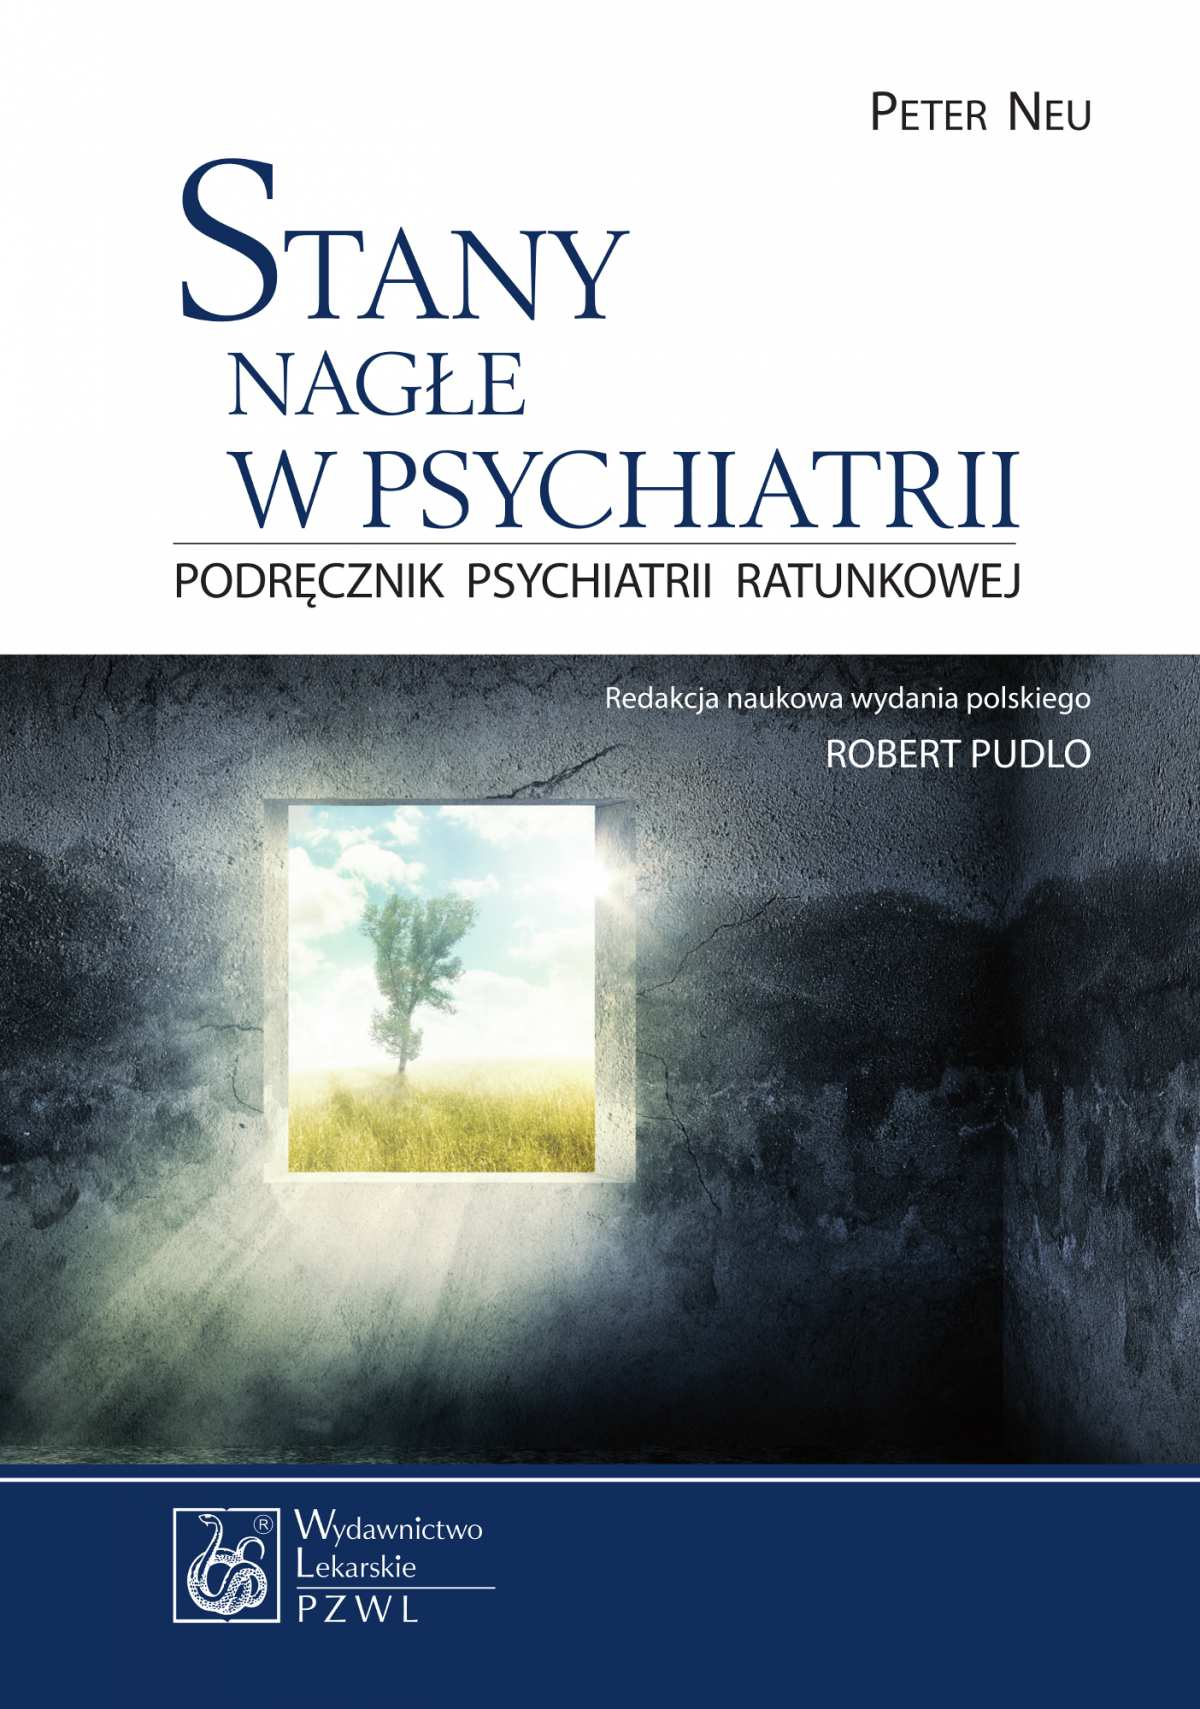 Stany nagłe w psychiatrii - Ebook (Książka EPUB) do pobrania w formacie EPUB